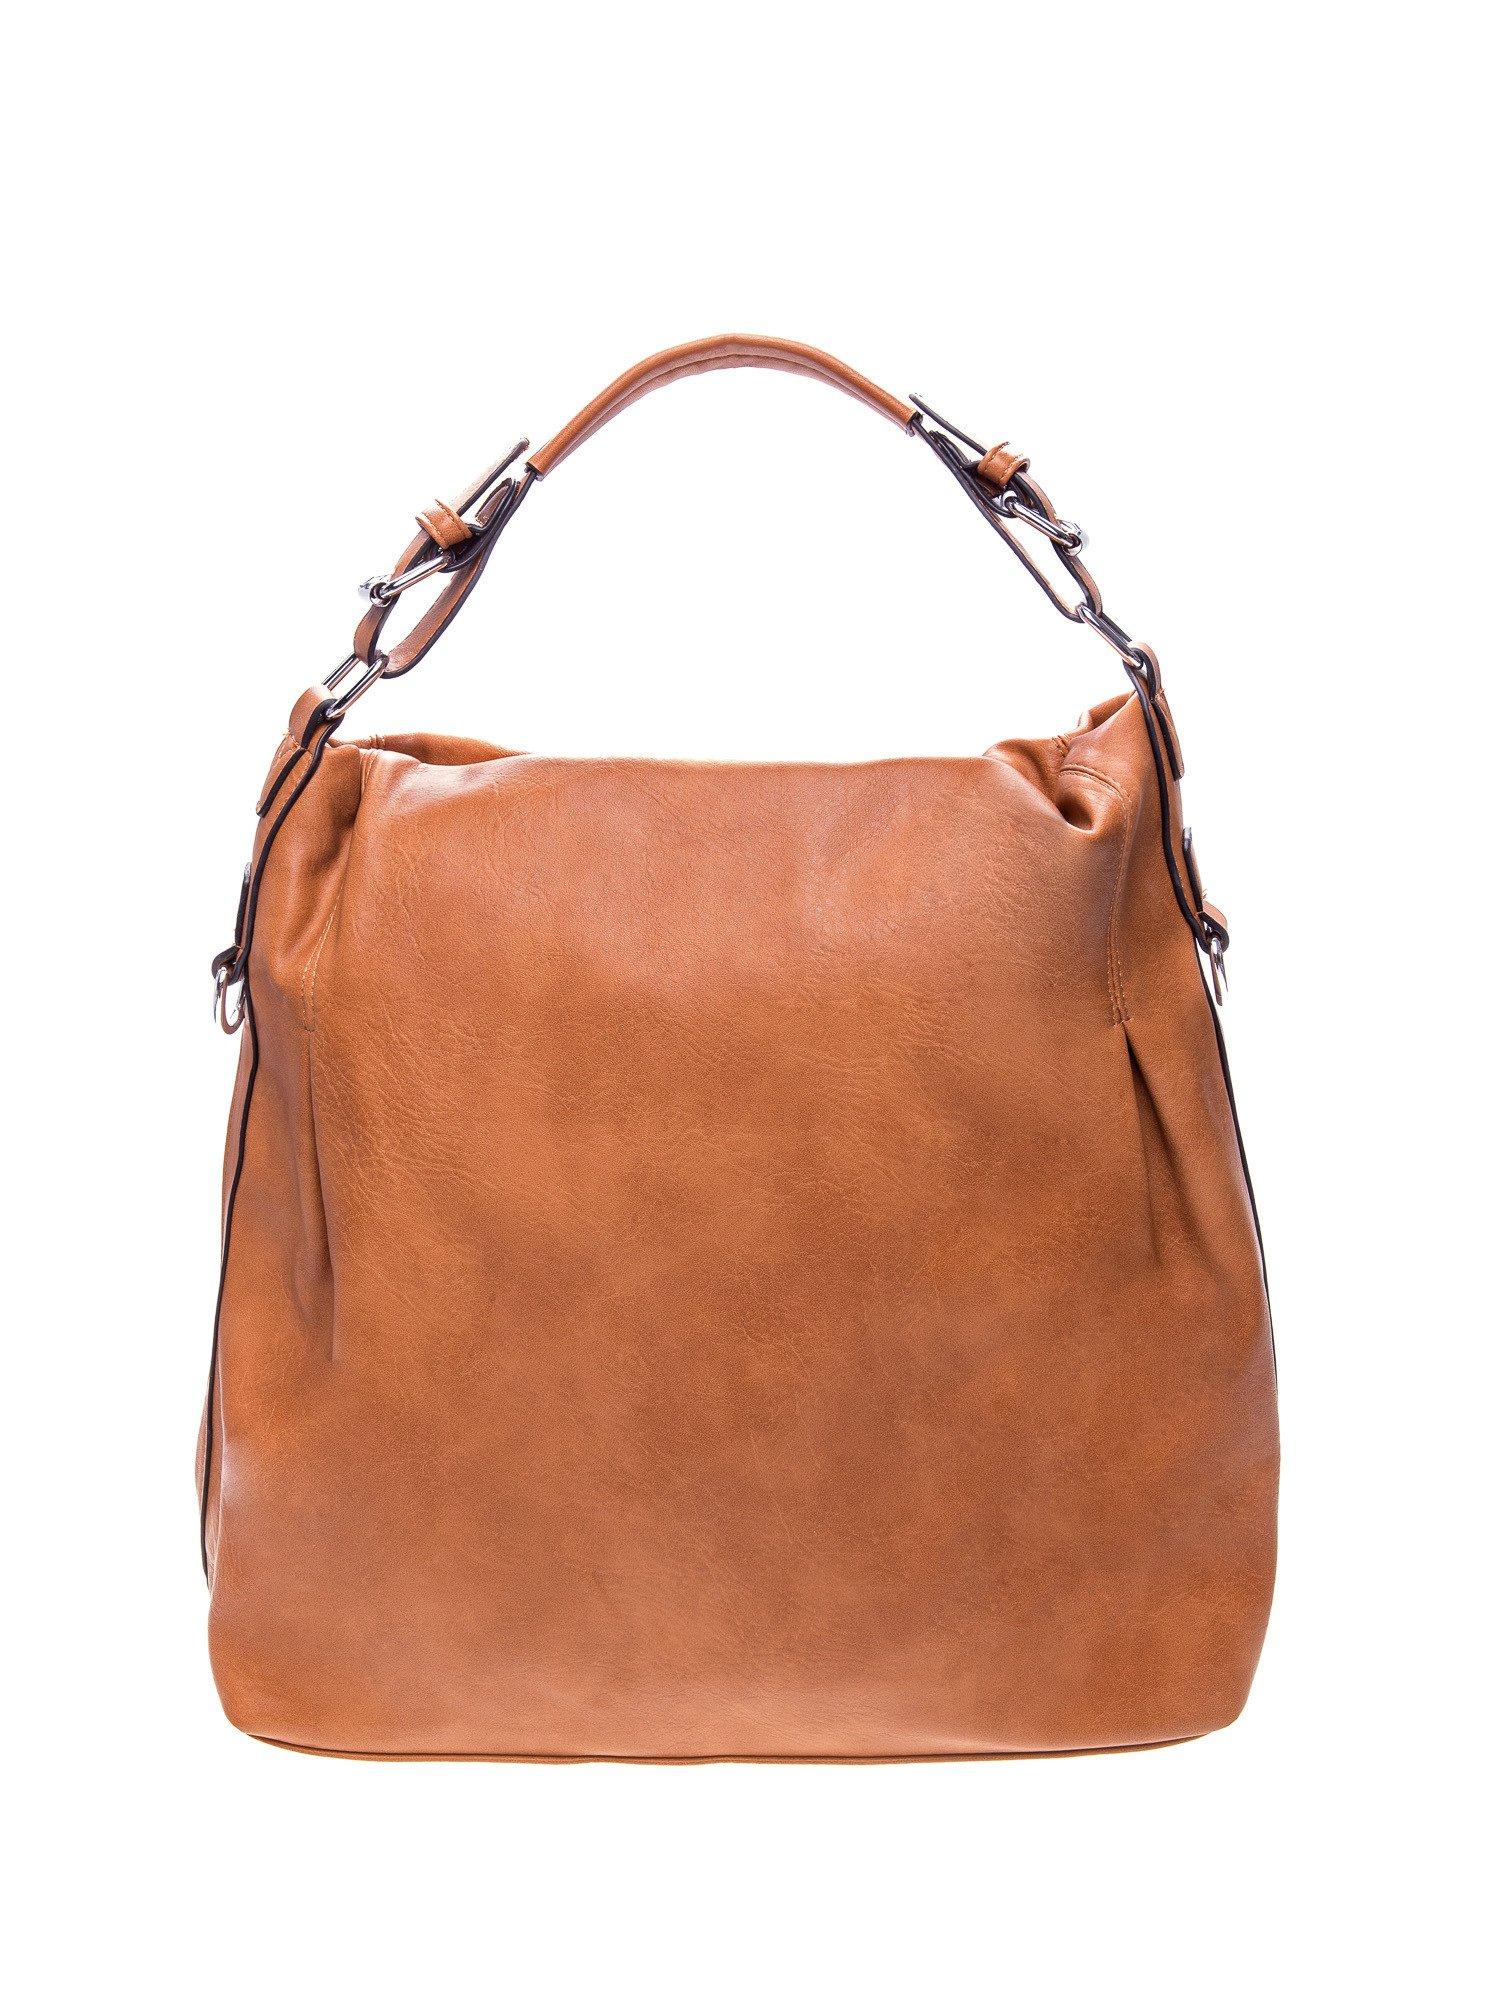 Brązowa torebka hobo na ramię                                  zdj.                                  1